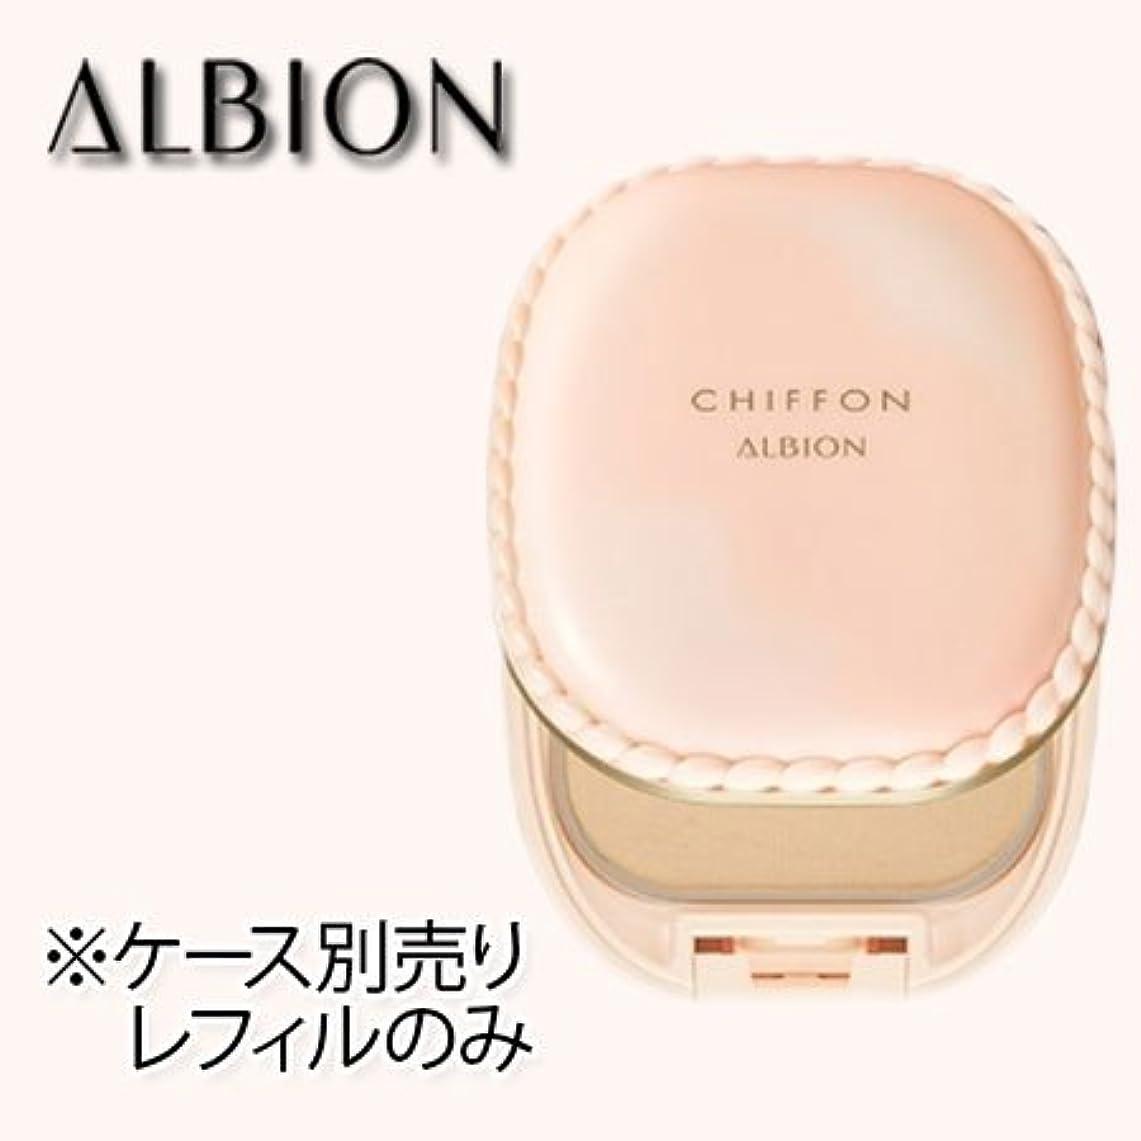 テザー三王女アルビオン スウィート モイスチュア シフォン (レフィル) 10g 6色 SPF22 PA++-ALBION- 050